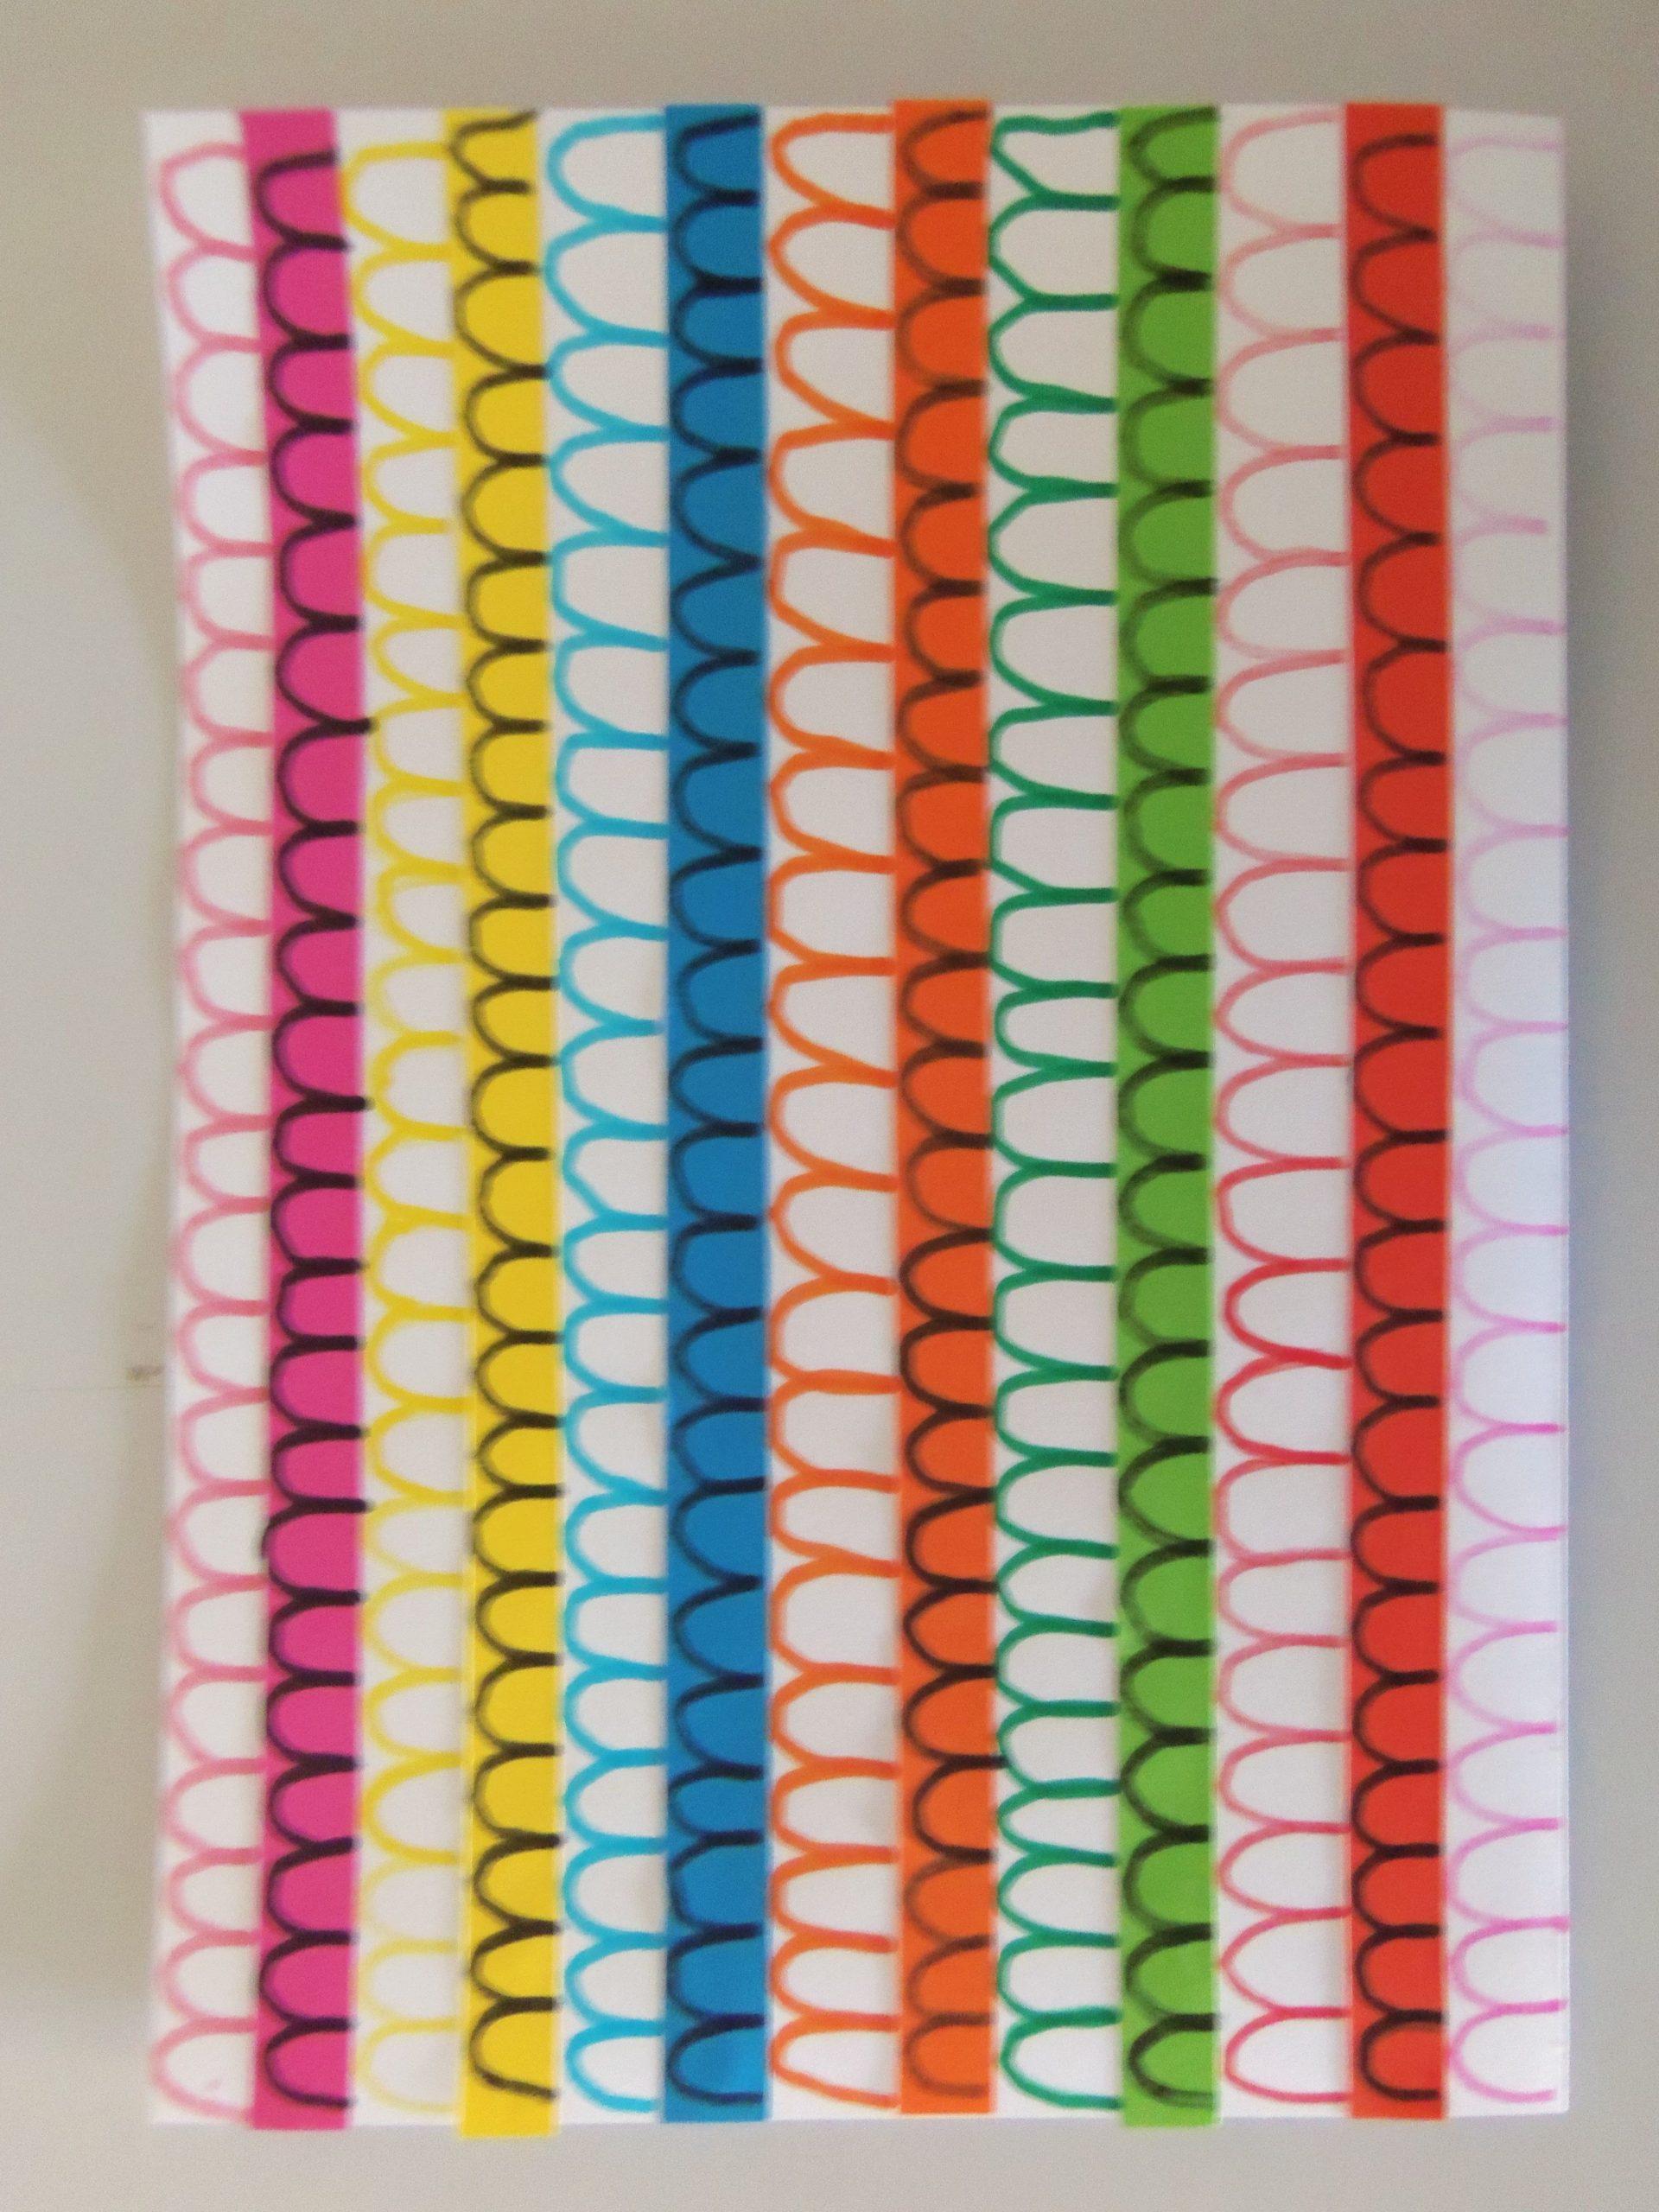 Ponts 6 - Format A4 A5 Feutres Ms Gs Maryse R. | Graphisme dedans Activités Graphiques Gs